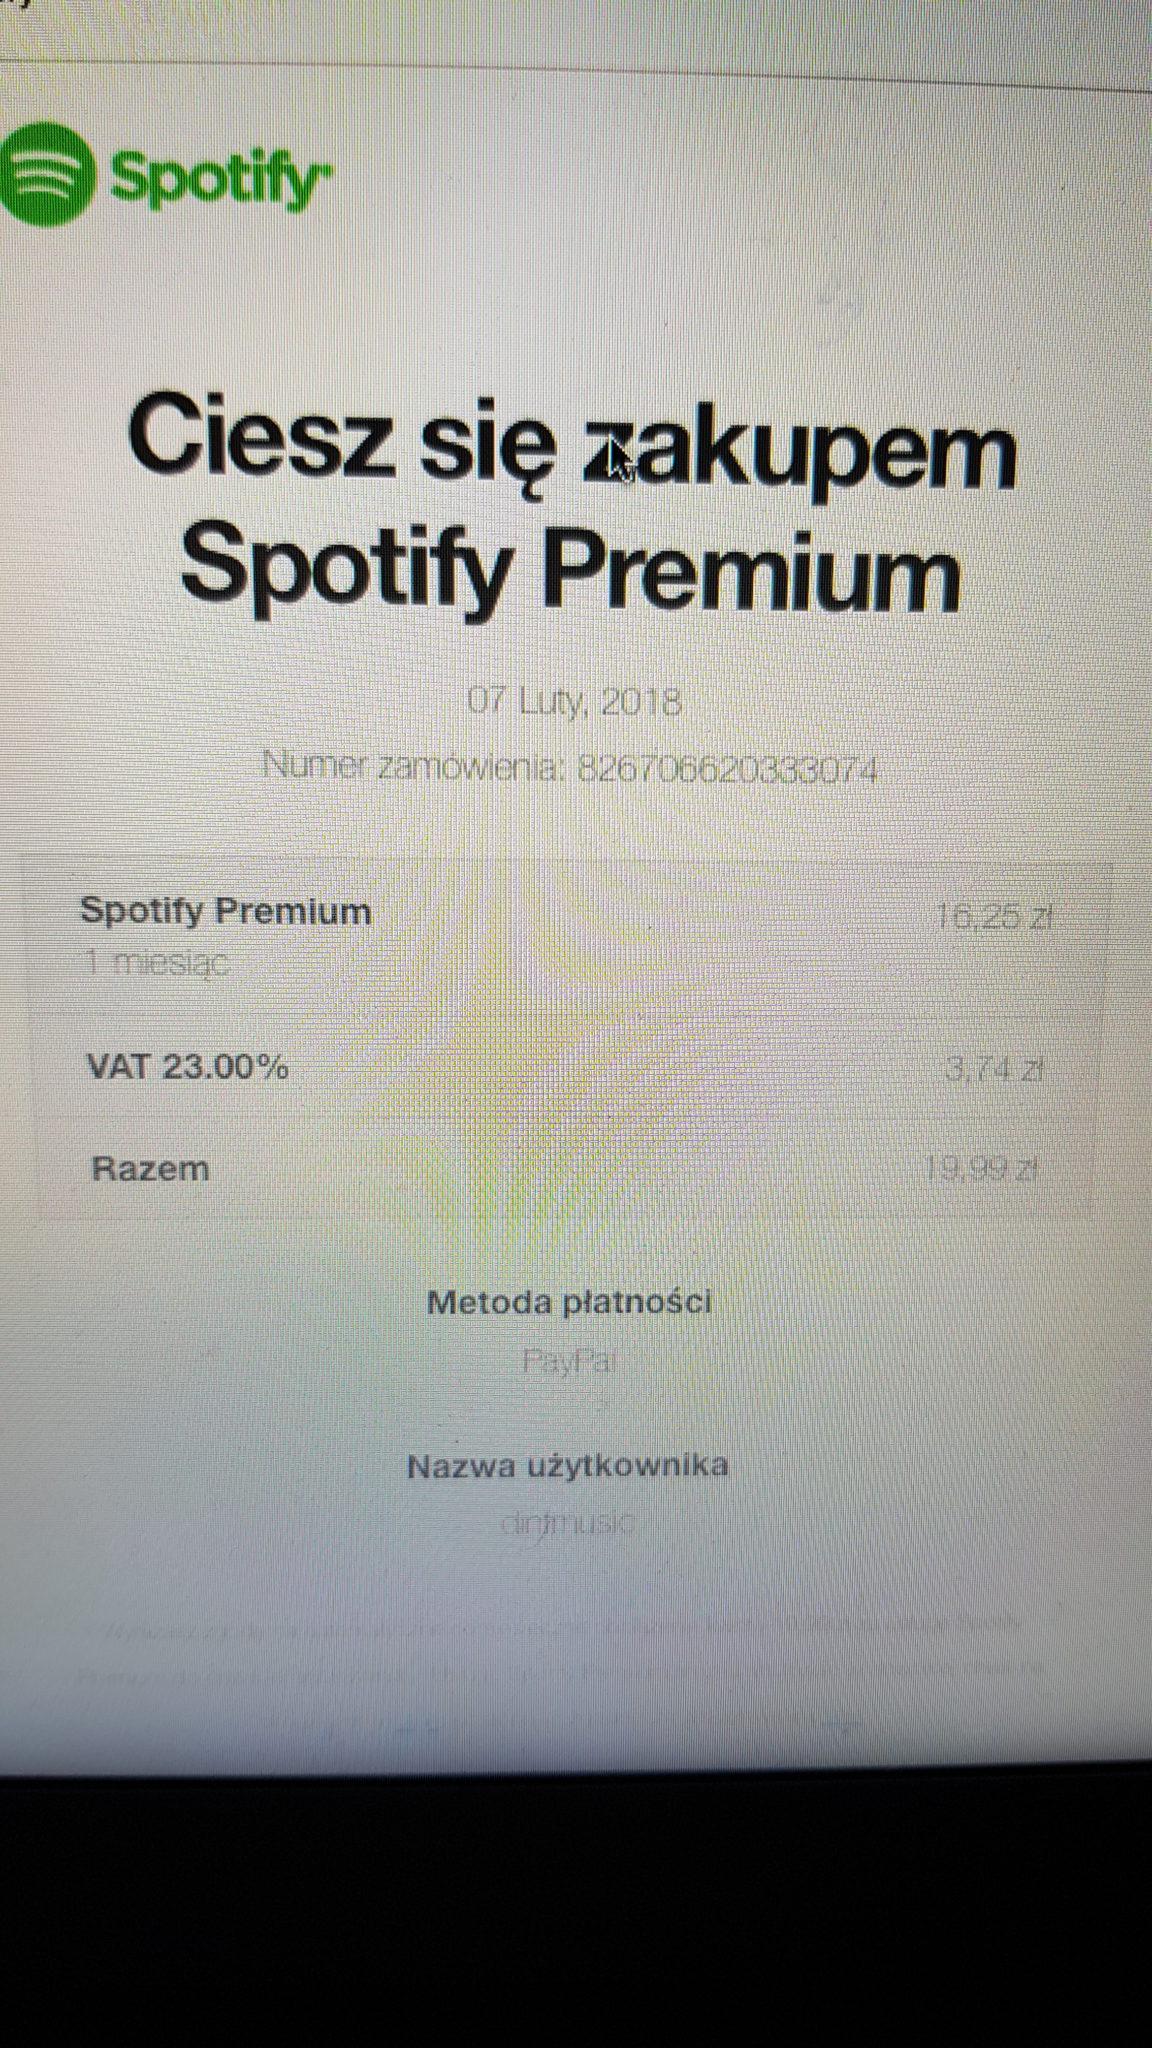 Jedna płyta kosztowała przez wiele lat więcej niż miesięczny abonament Spotify.